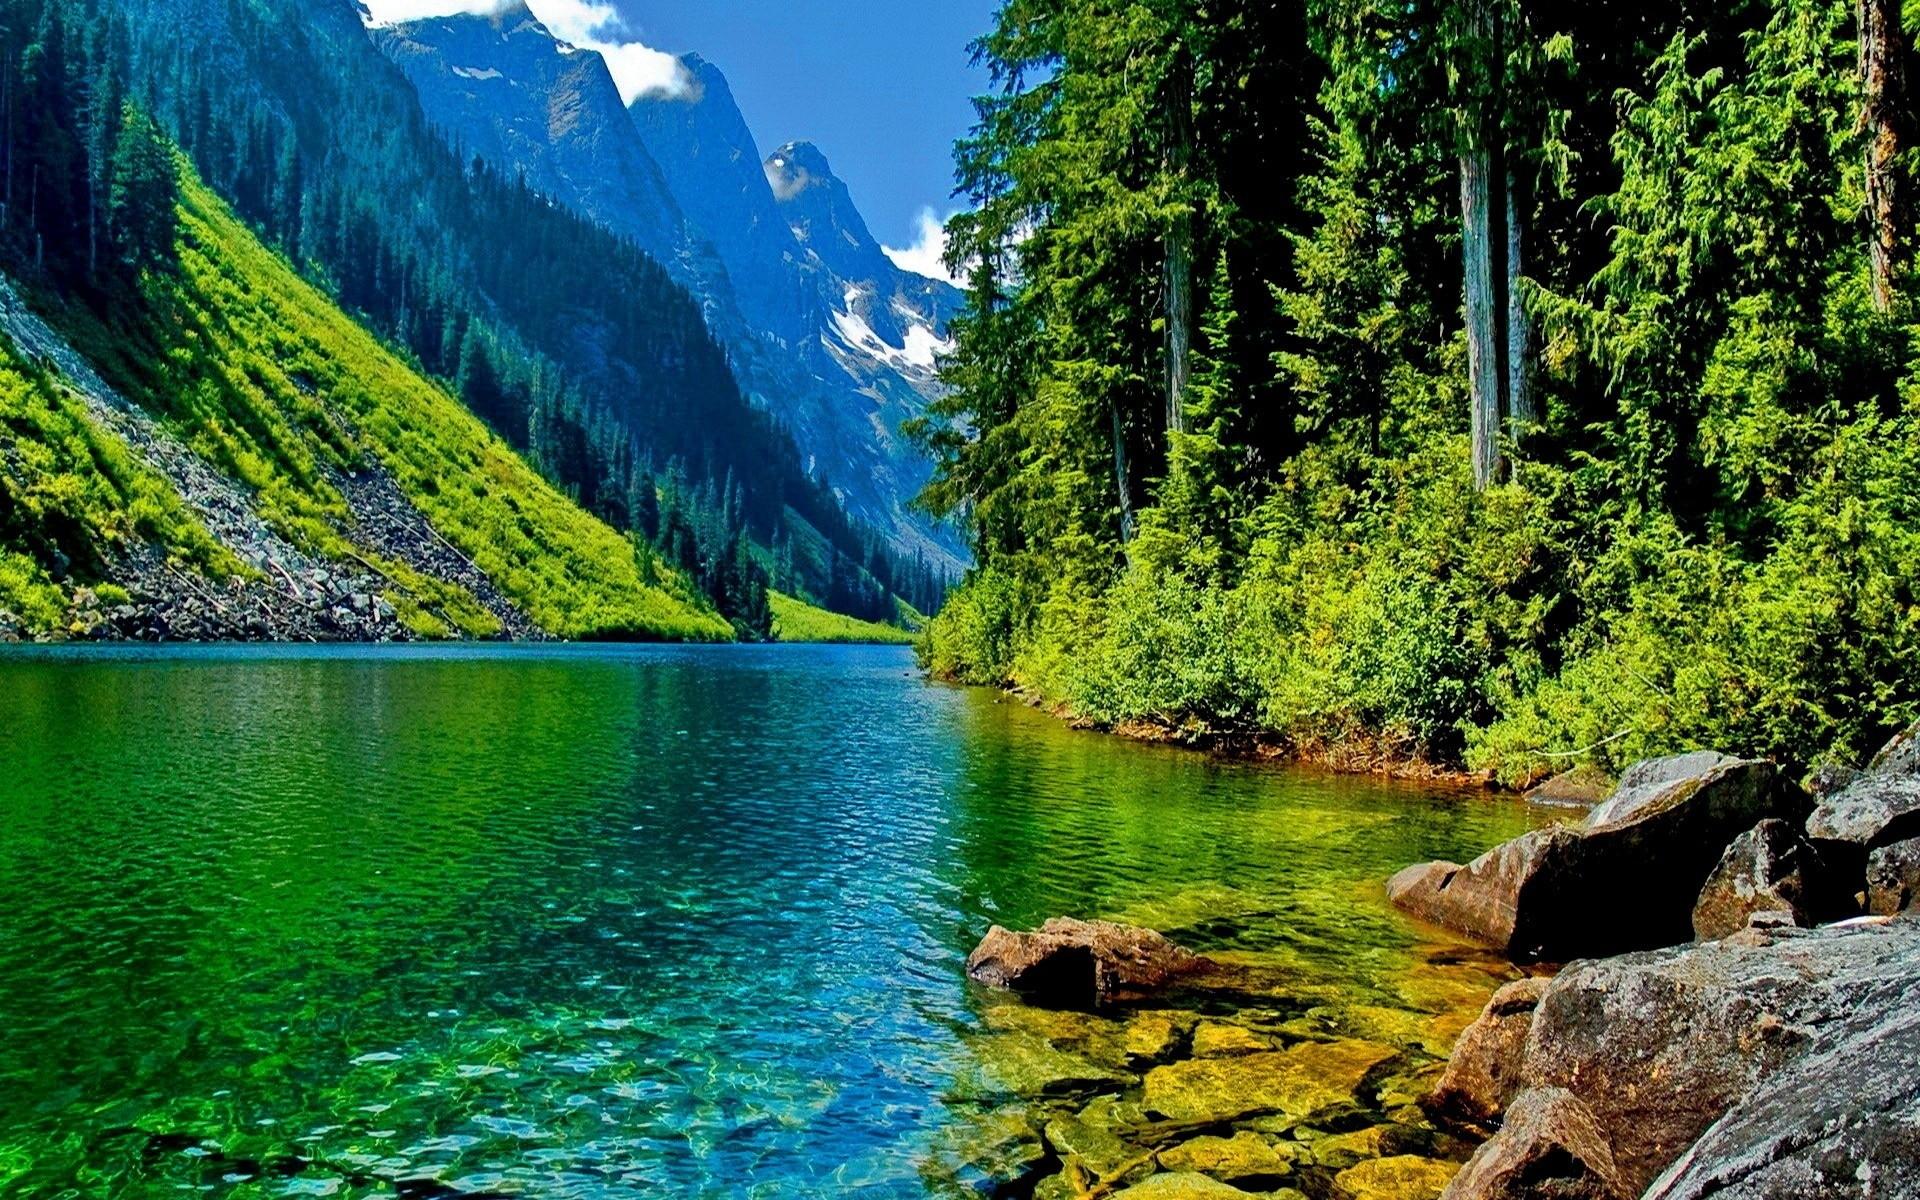 beautiful scenery wallpaper desktop wallpaper 60 images